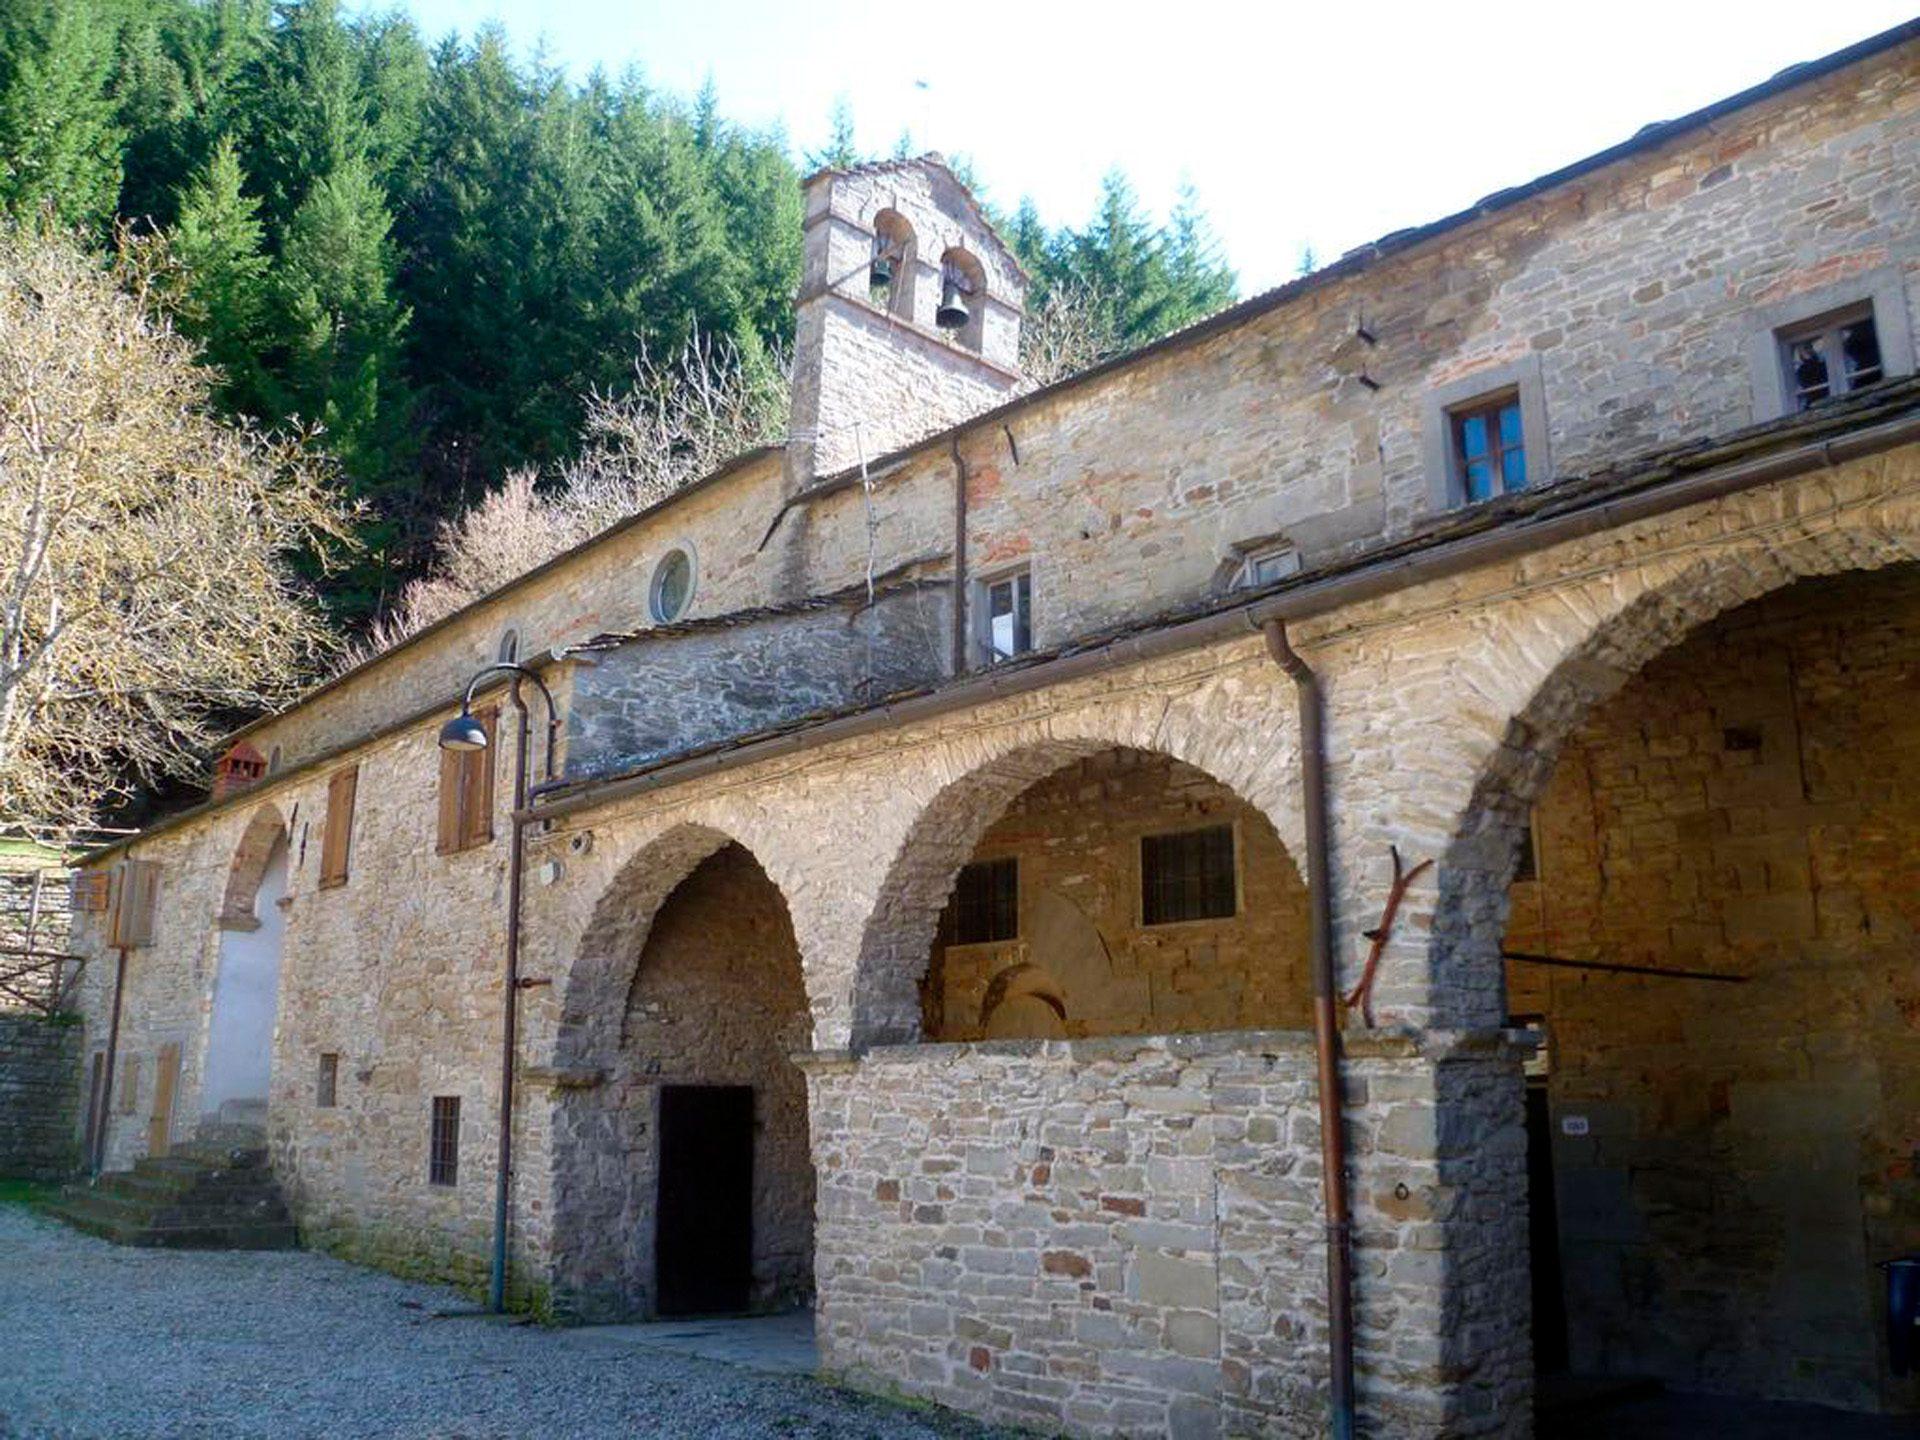 Tappa 16 - Badia Moscheta-Colla di Casaglia